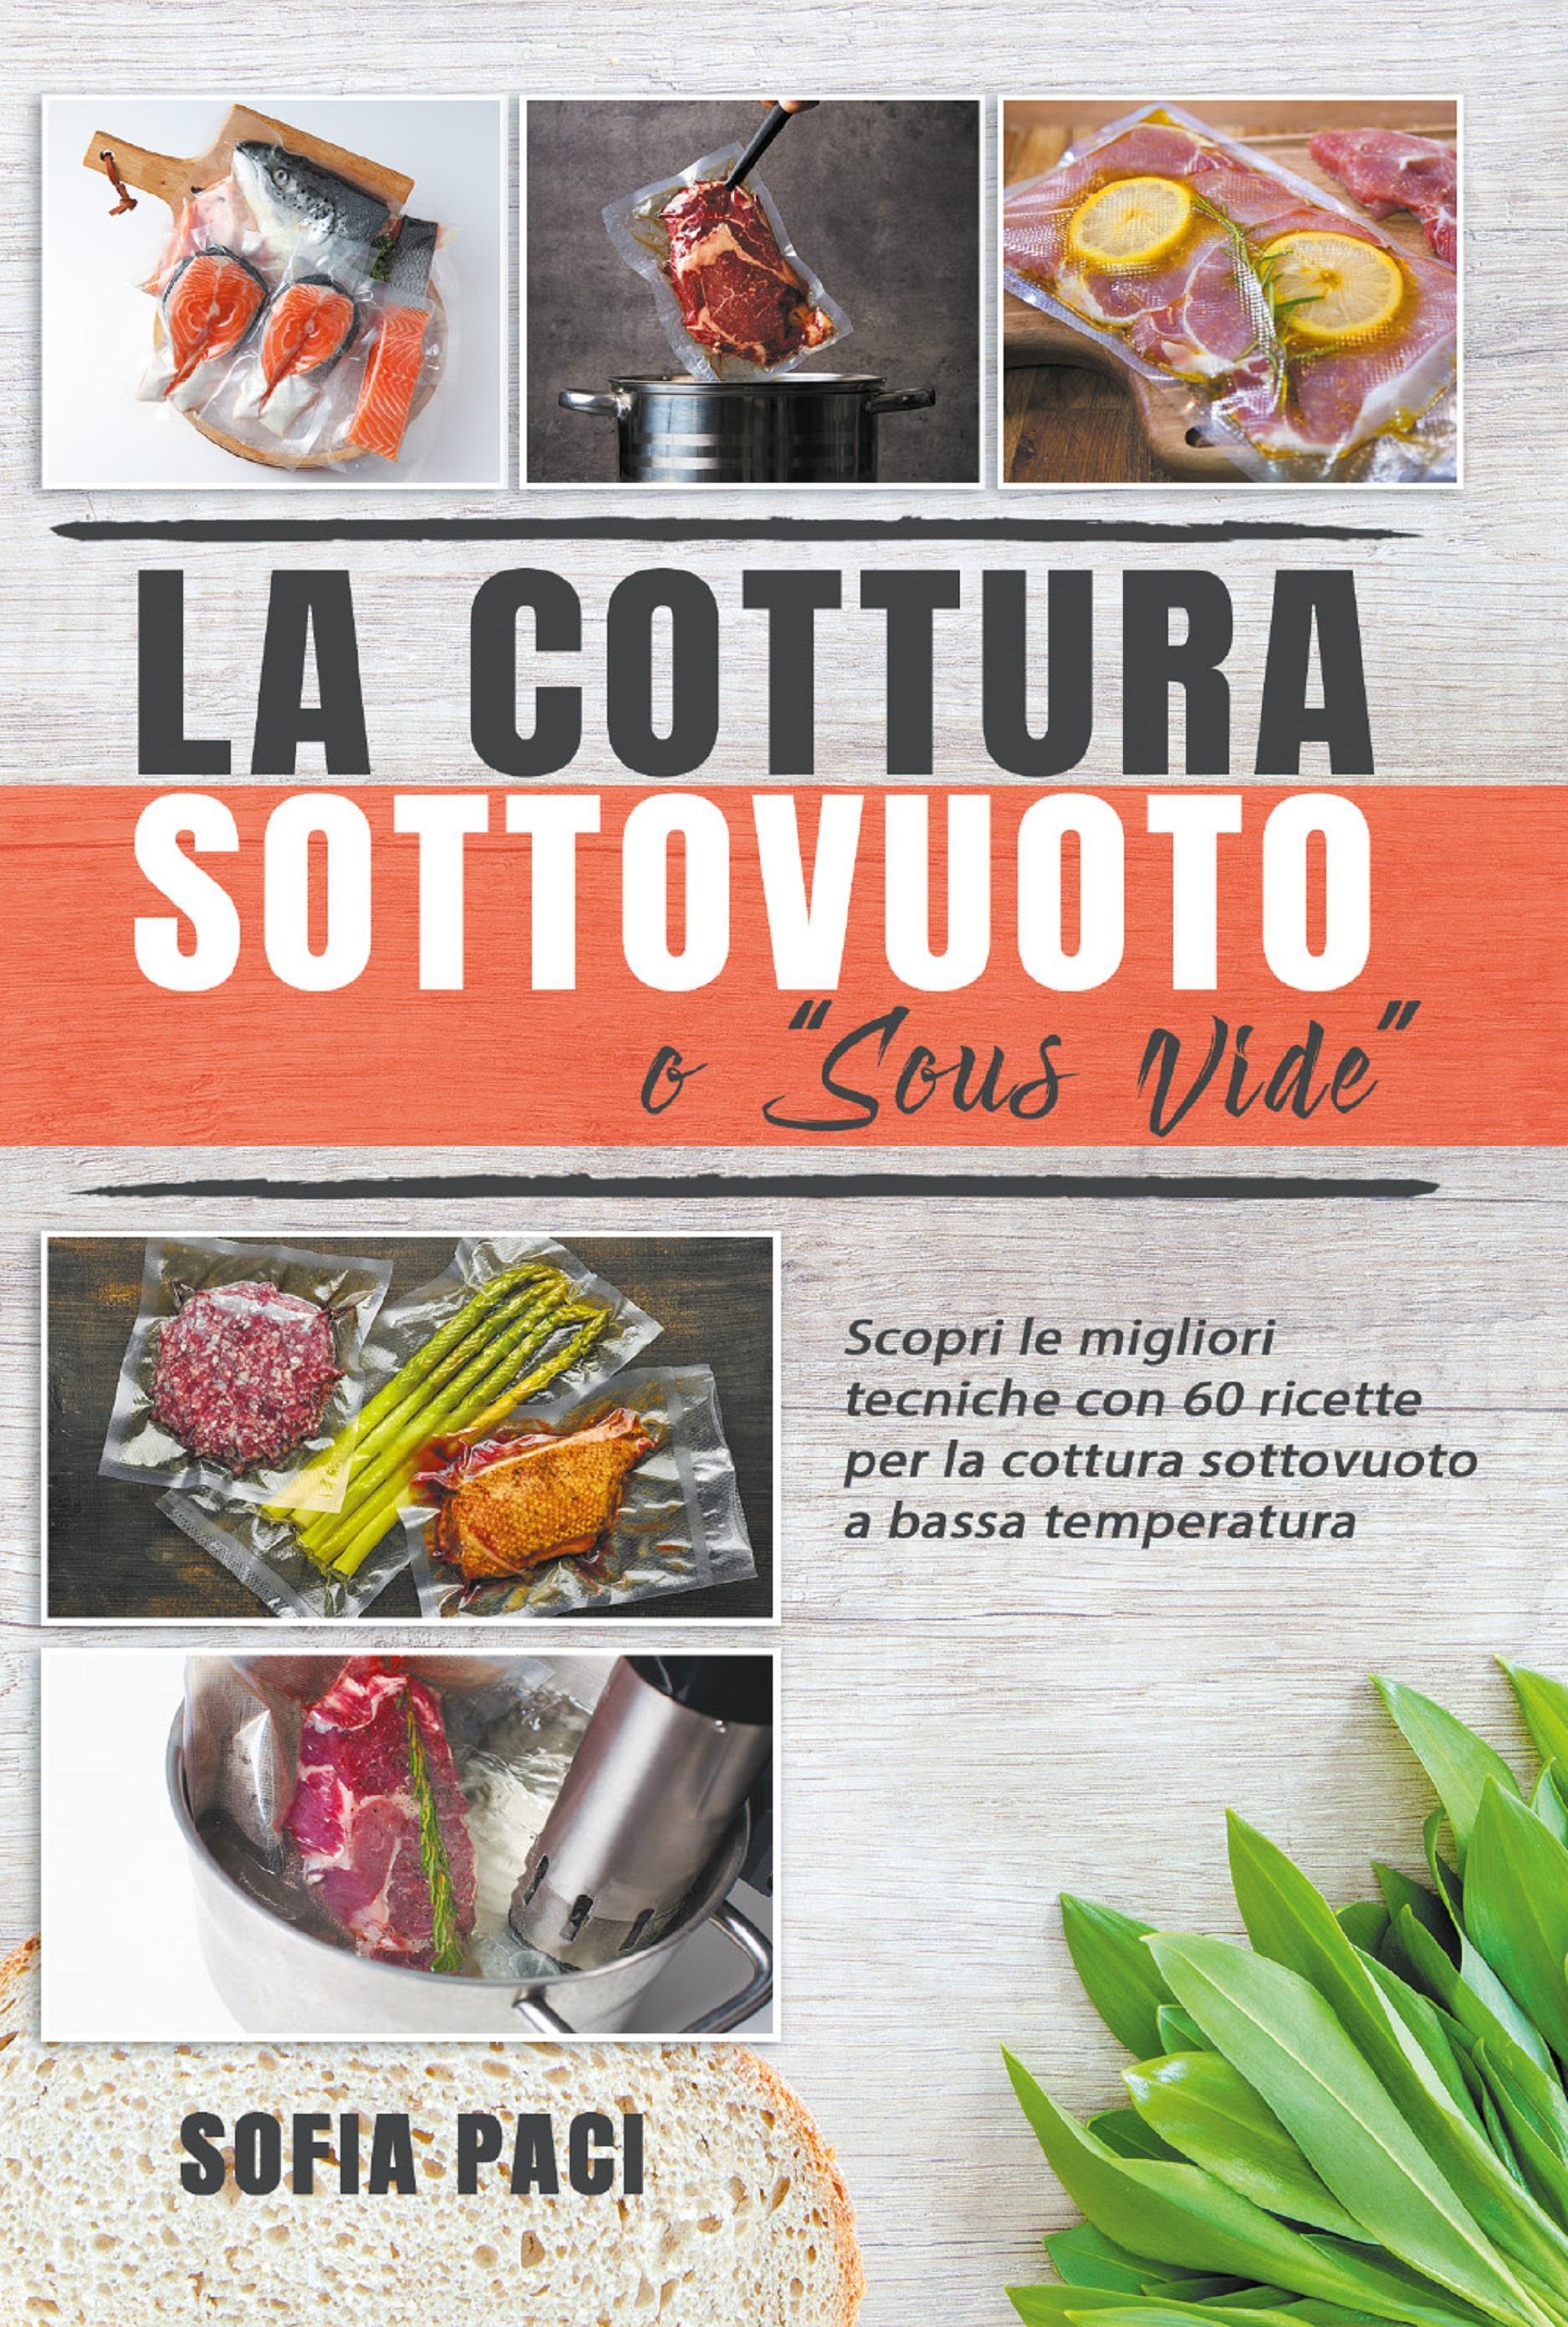 """La Cottura Sottovuoto o """"Sous-Vide"""